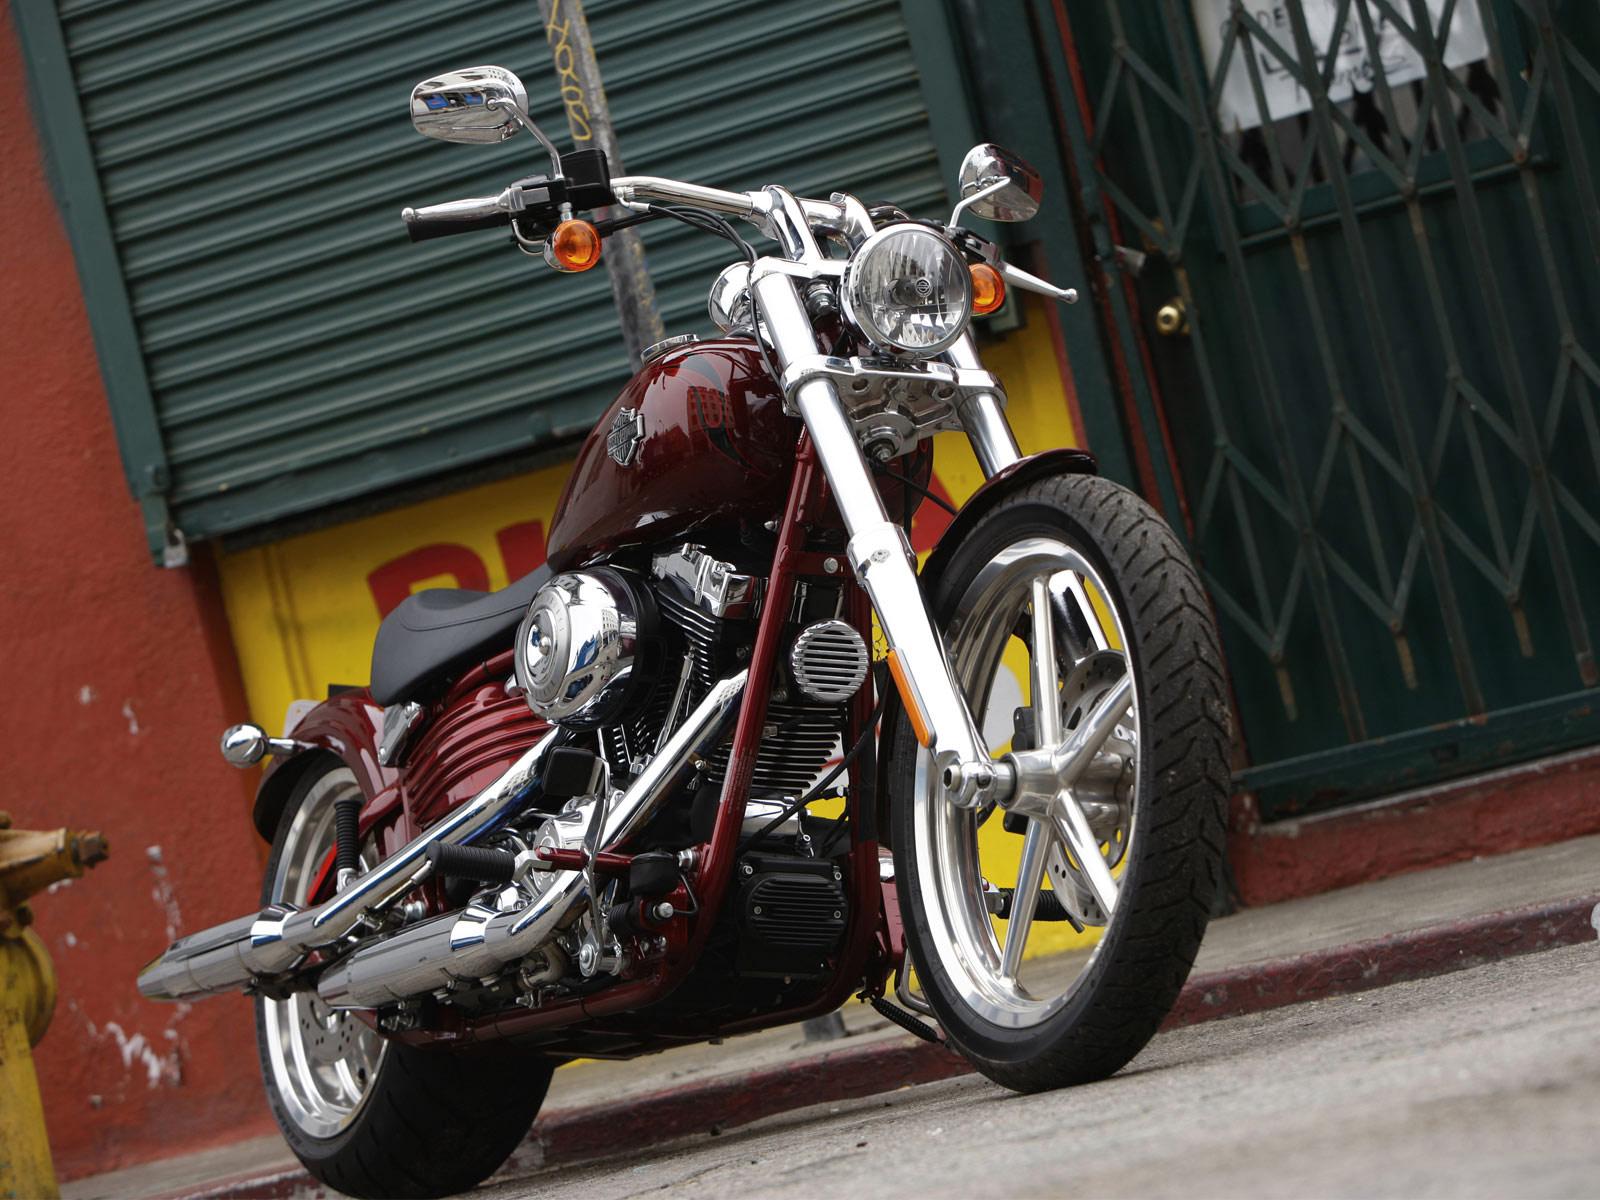 Harley Davidson: 2010 Harley-Davidson Softail Rocker C FXCWC Pictures